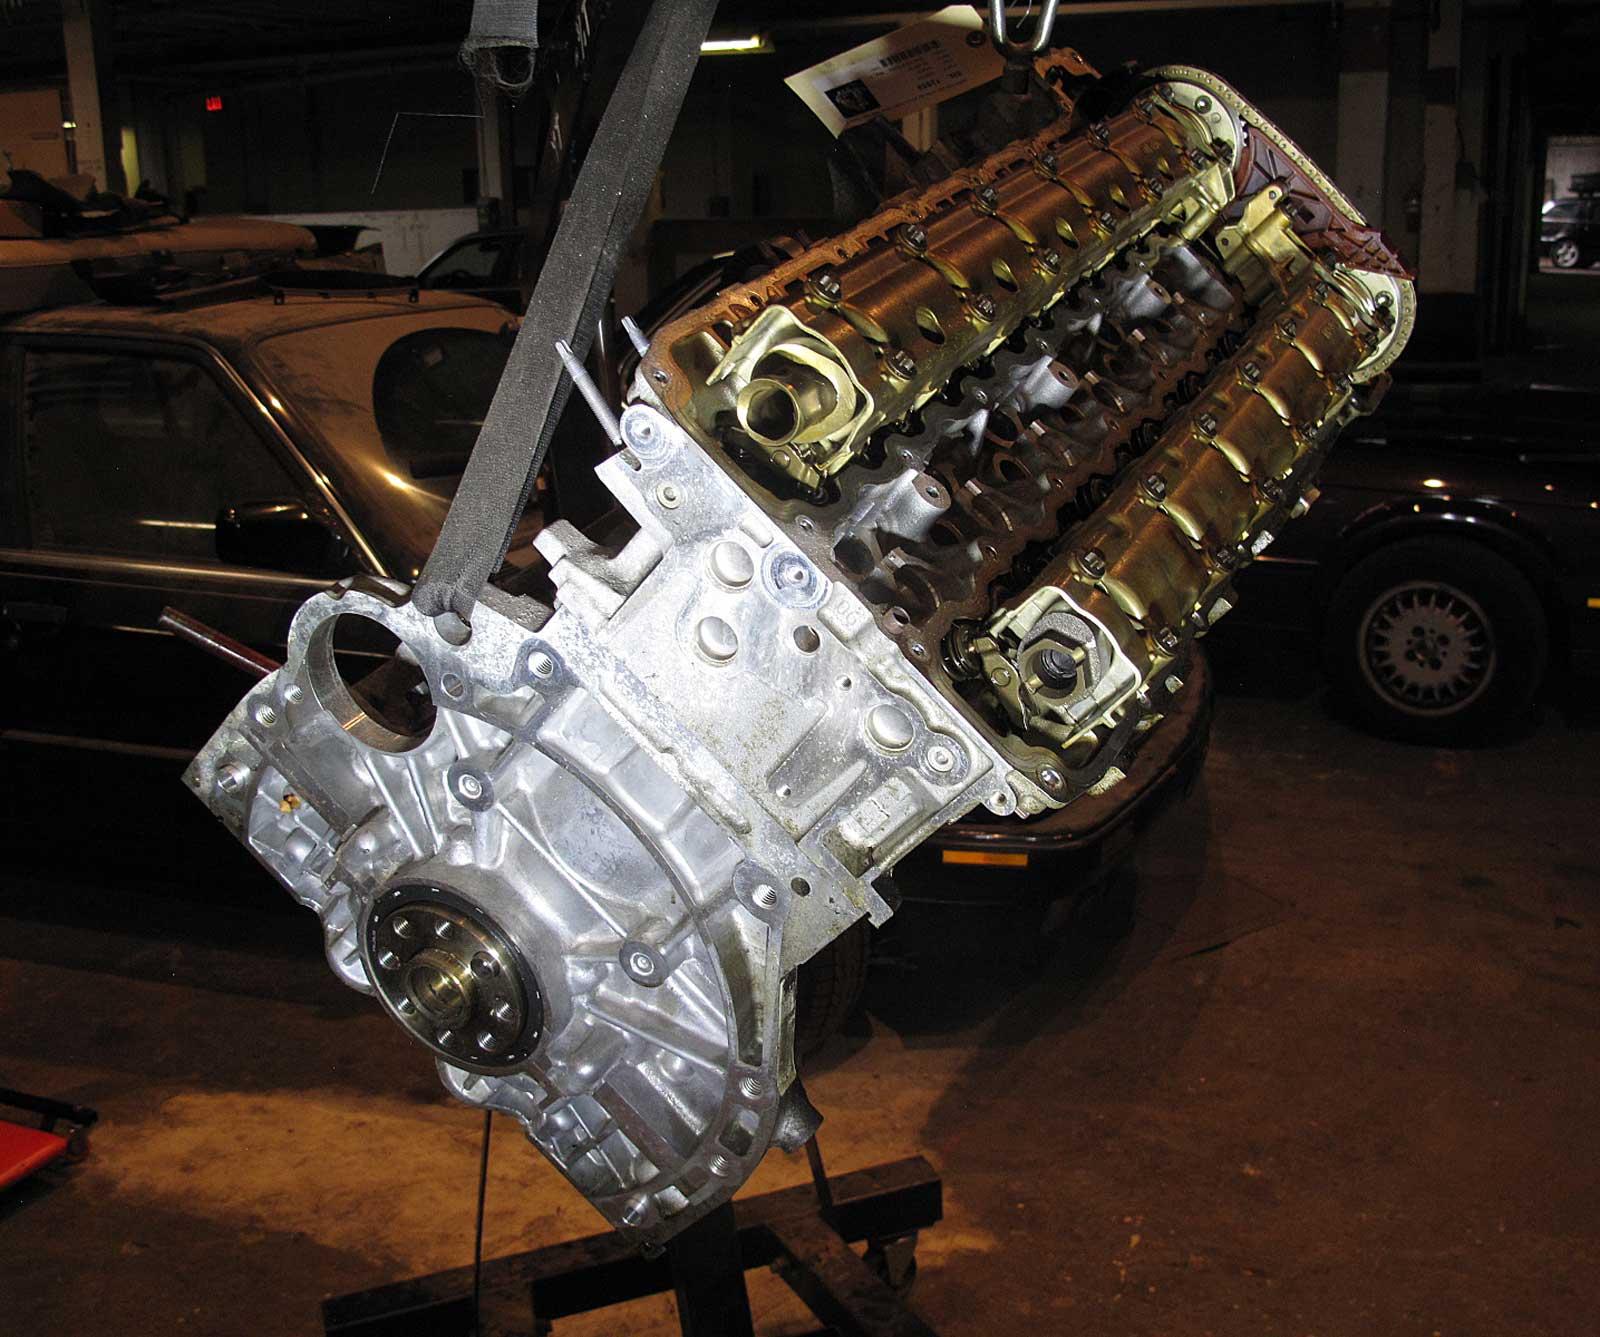 BMW E60 E61 535i XDrive AWD N54 Twin Turbo 6cyl Engine